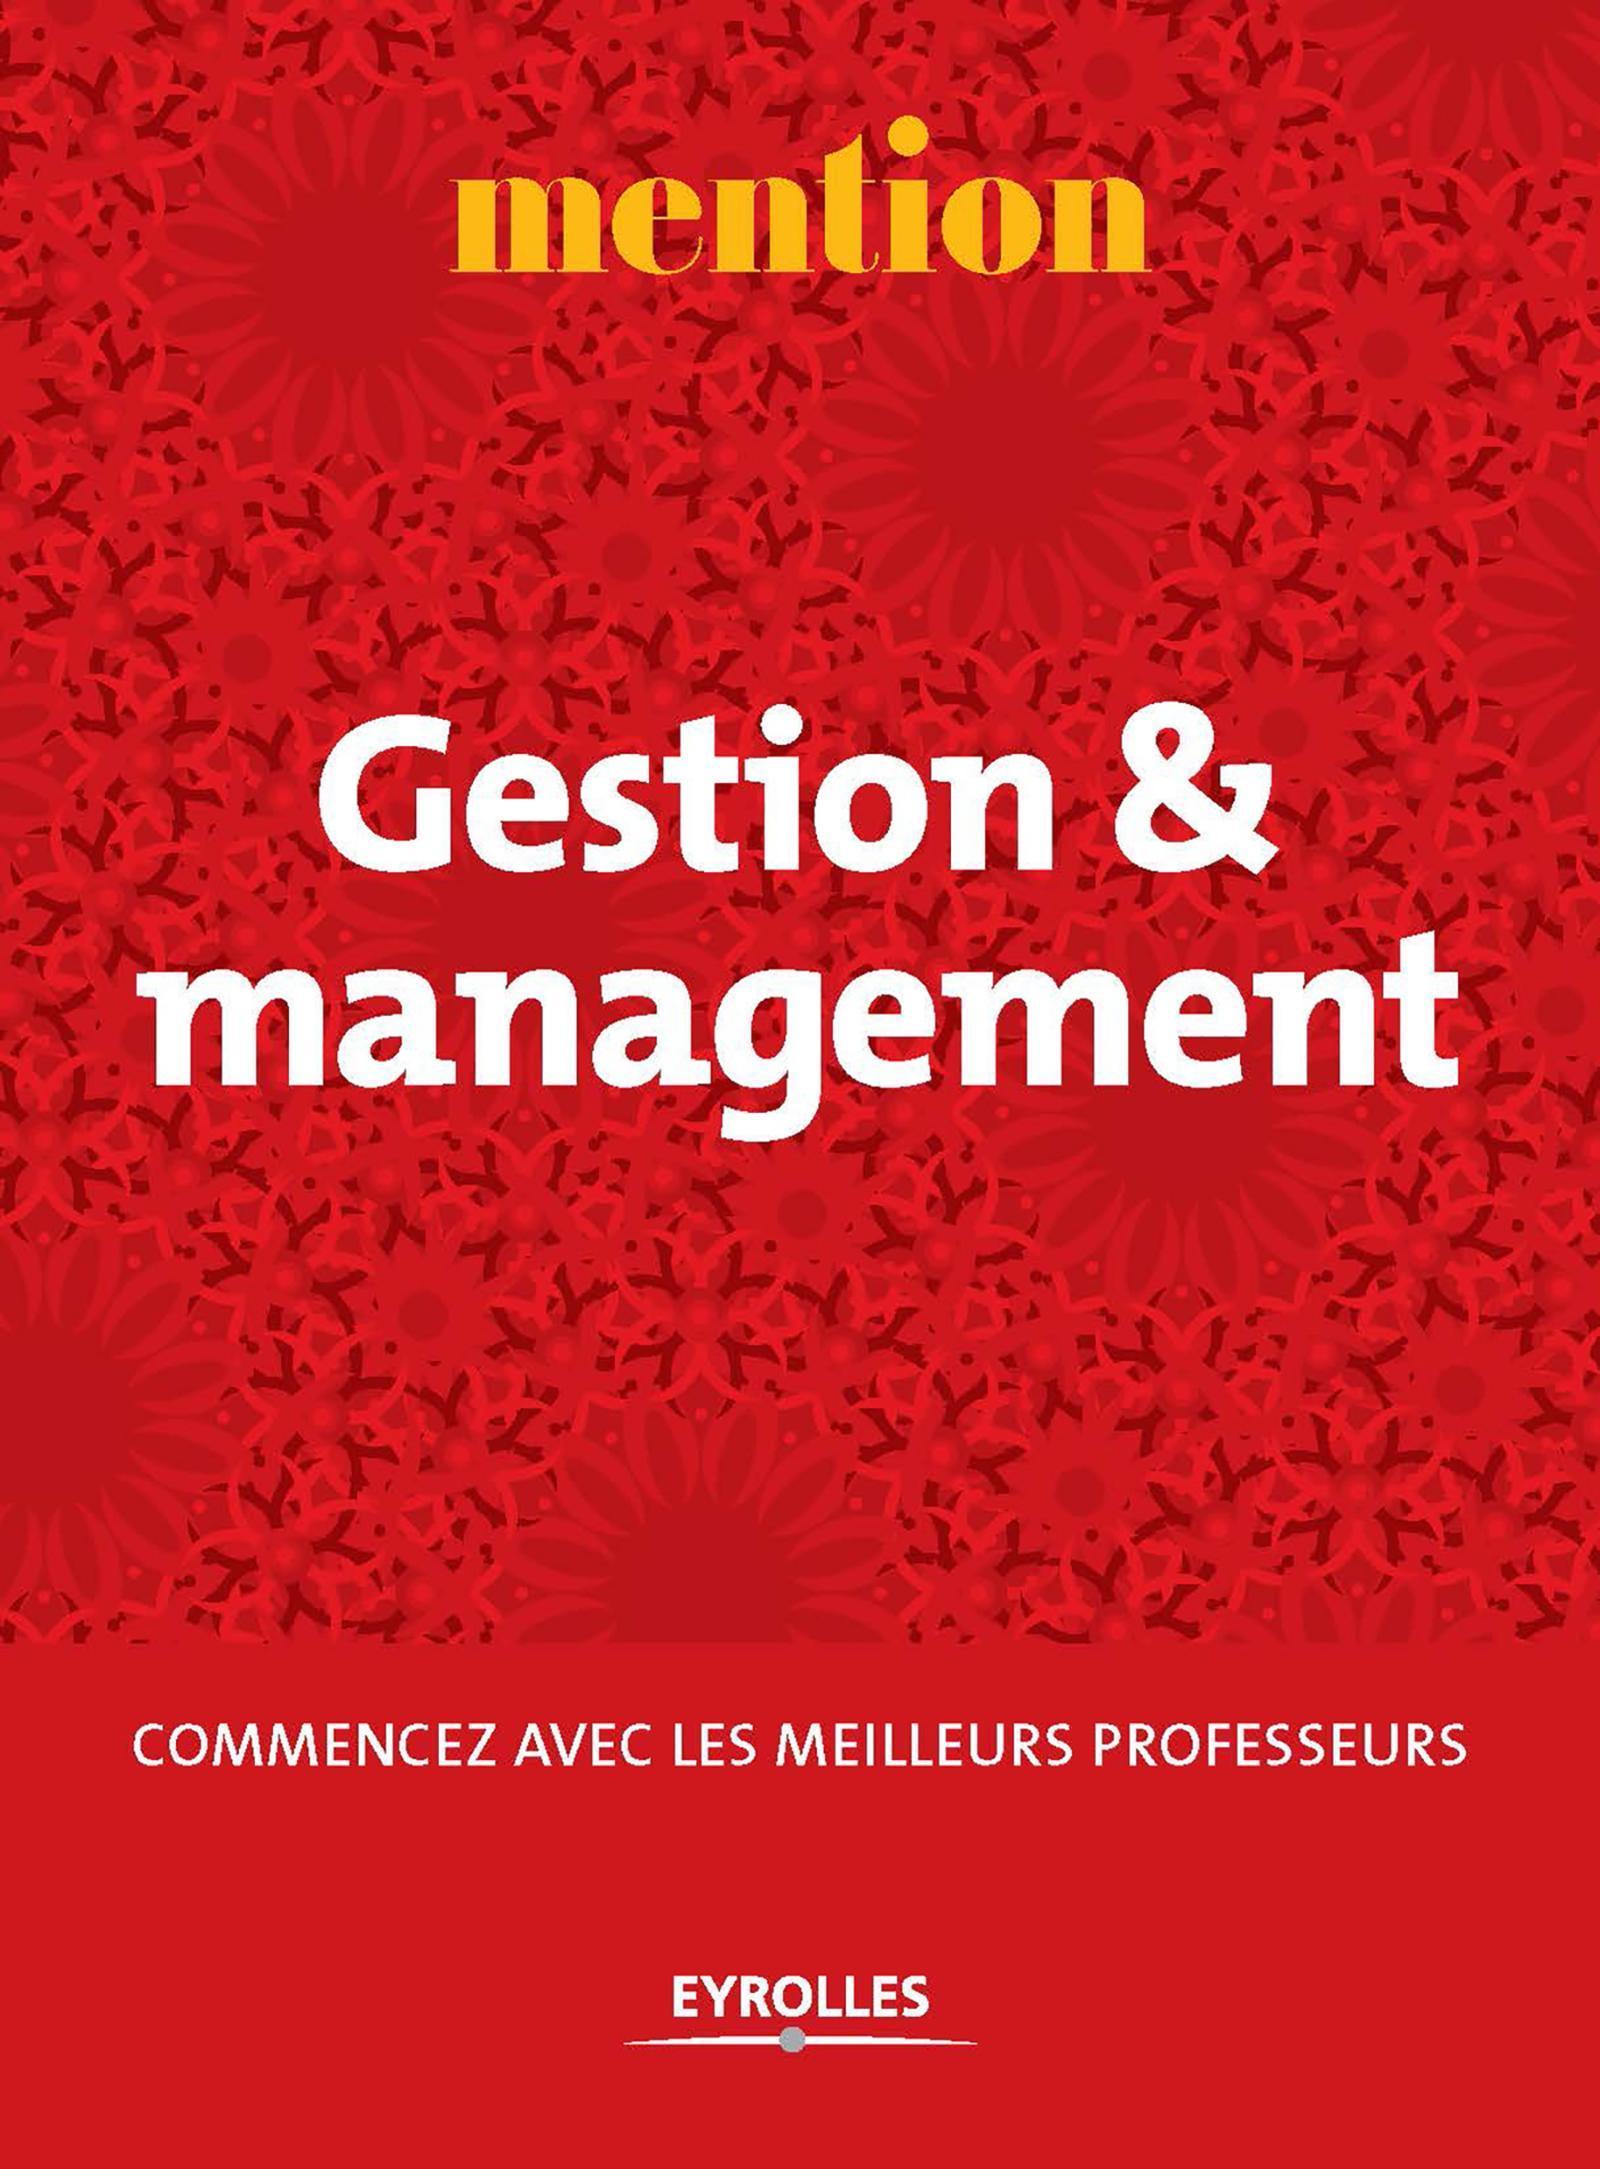 Mention Gestion et management